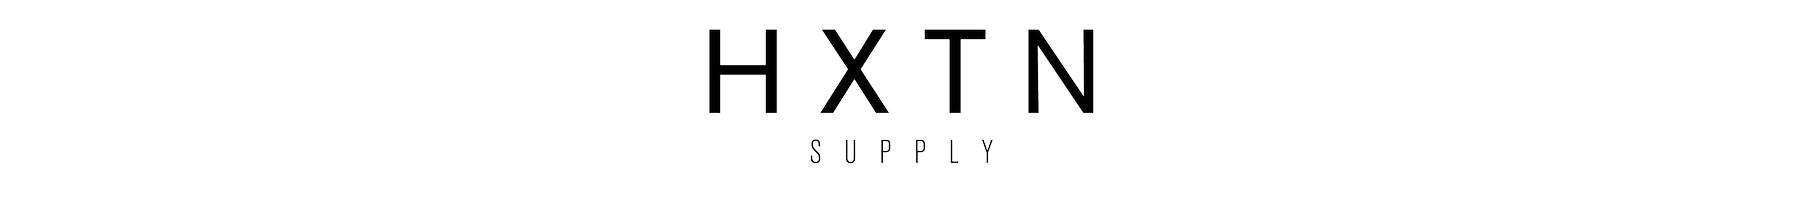 DrJays.com - HXTN